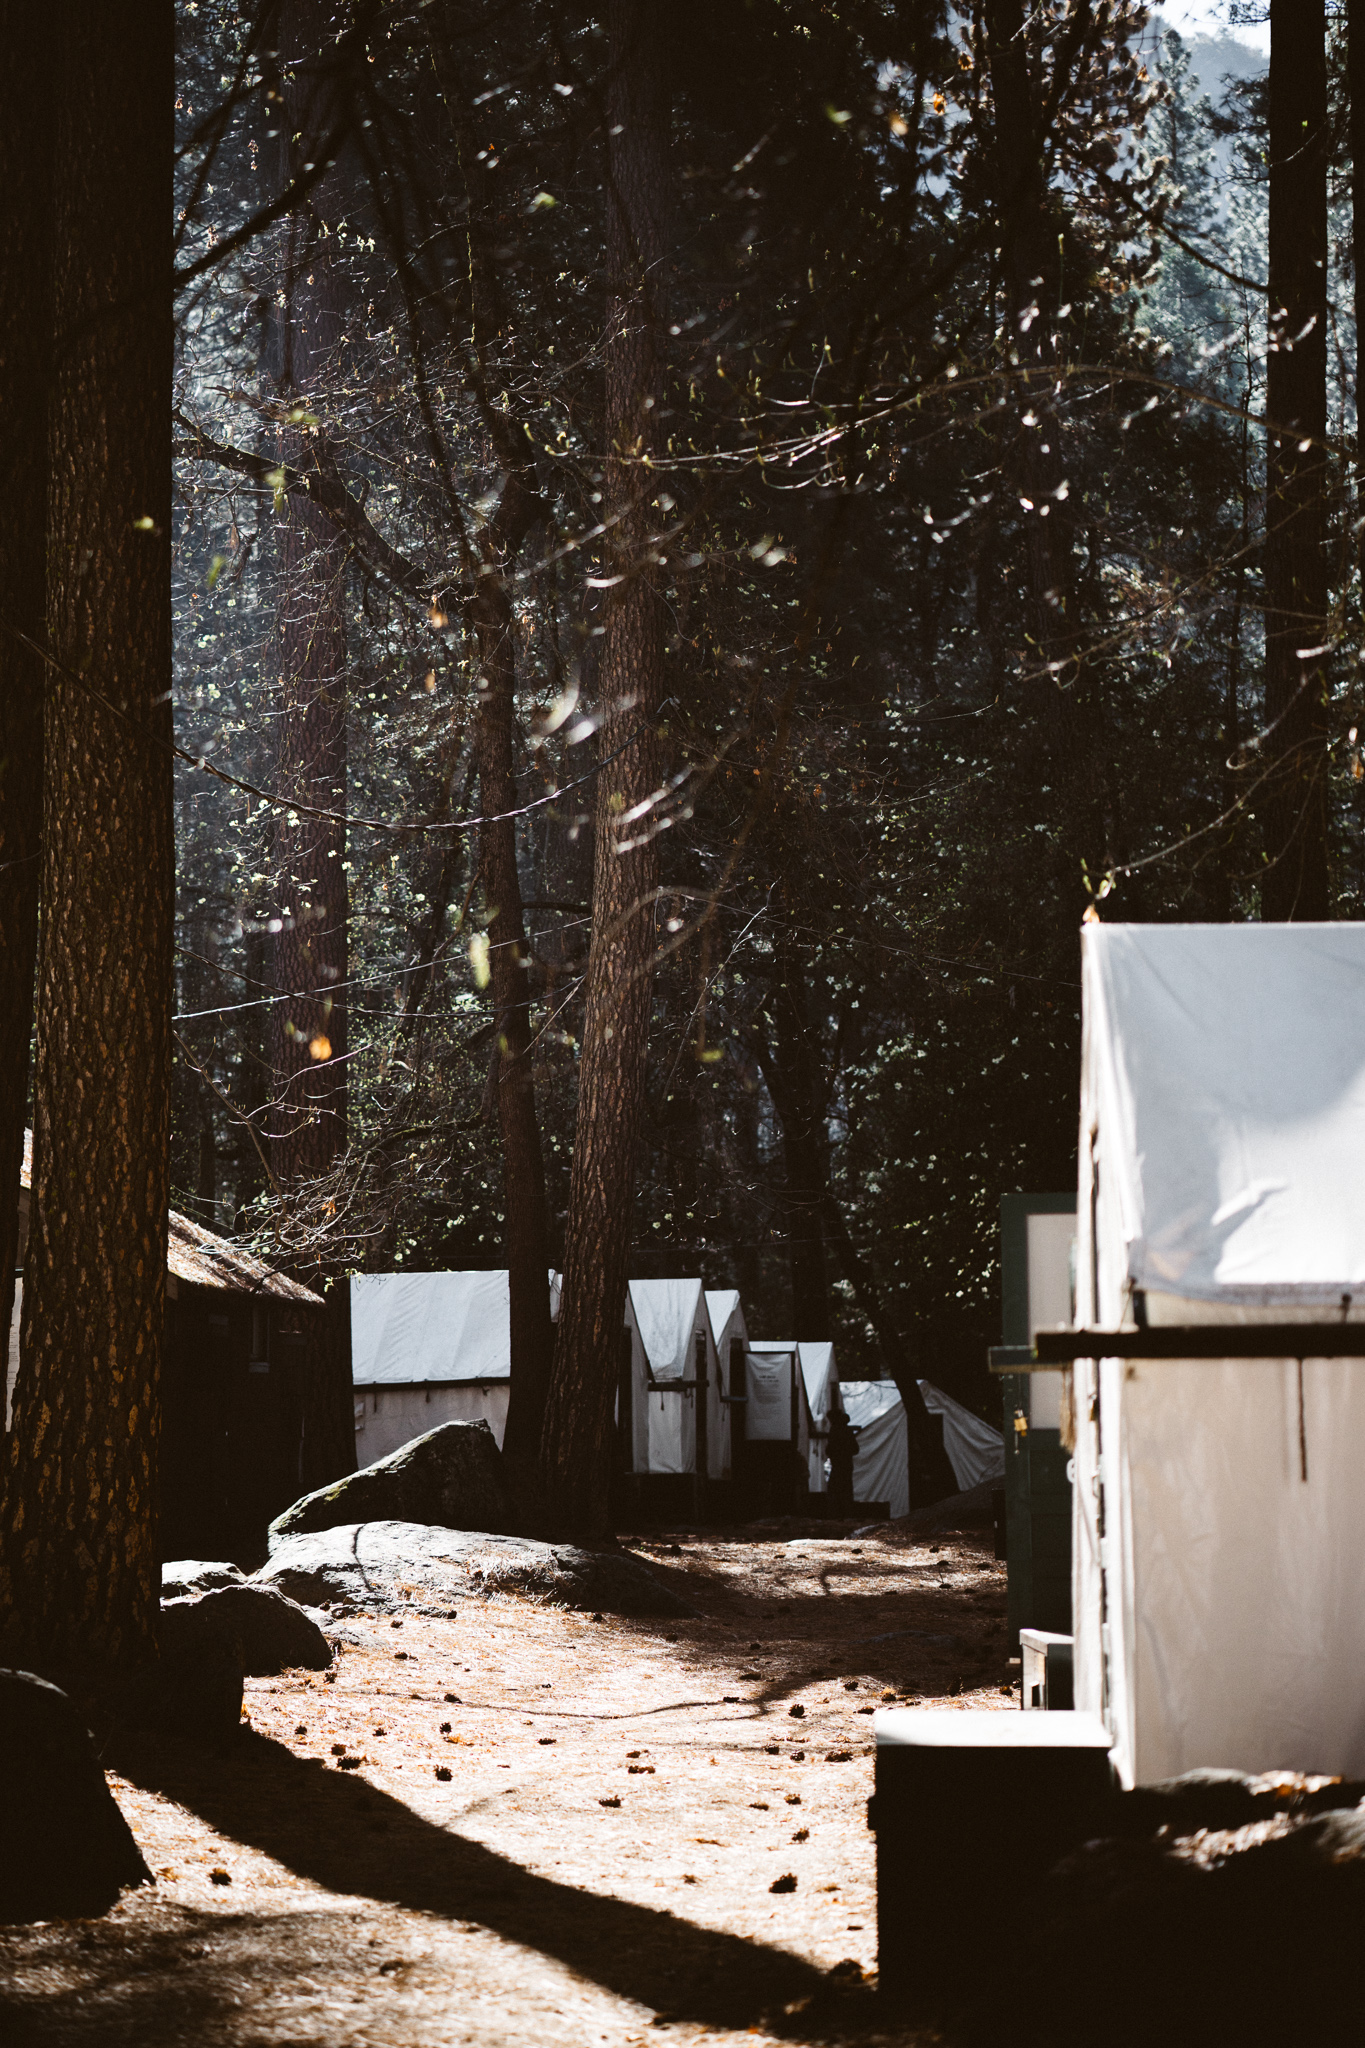 20160417_Yosemite_0704.jpg